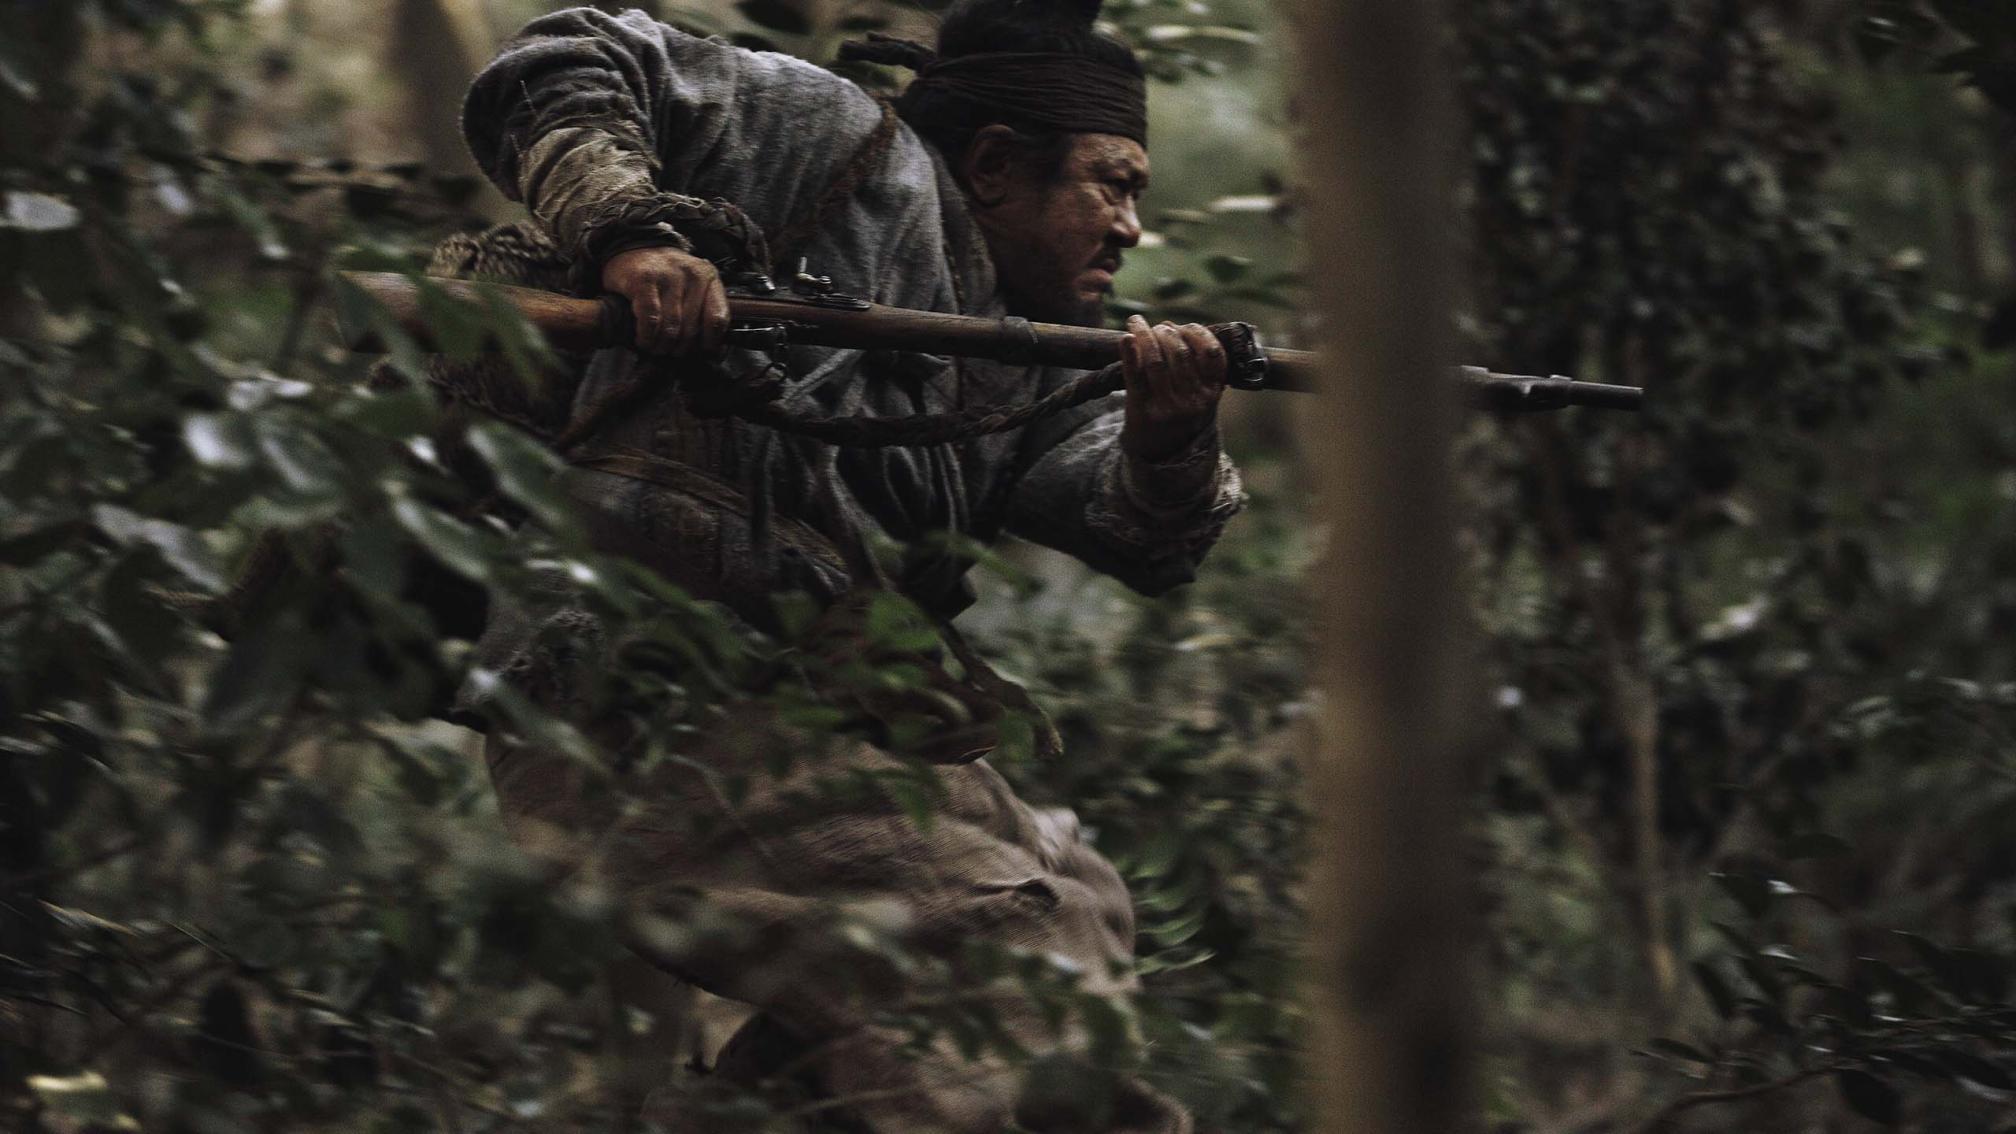 大虎:獸獵傳奇劇照 1